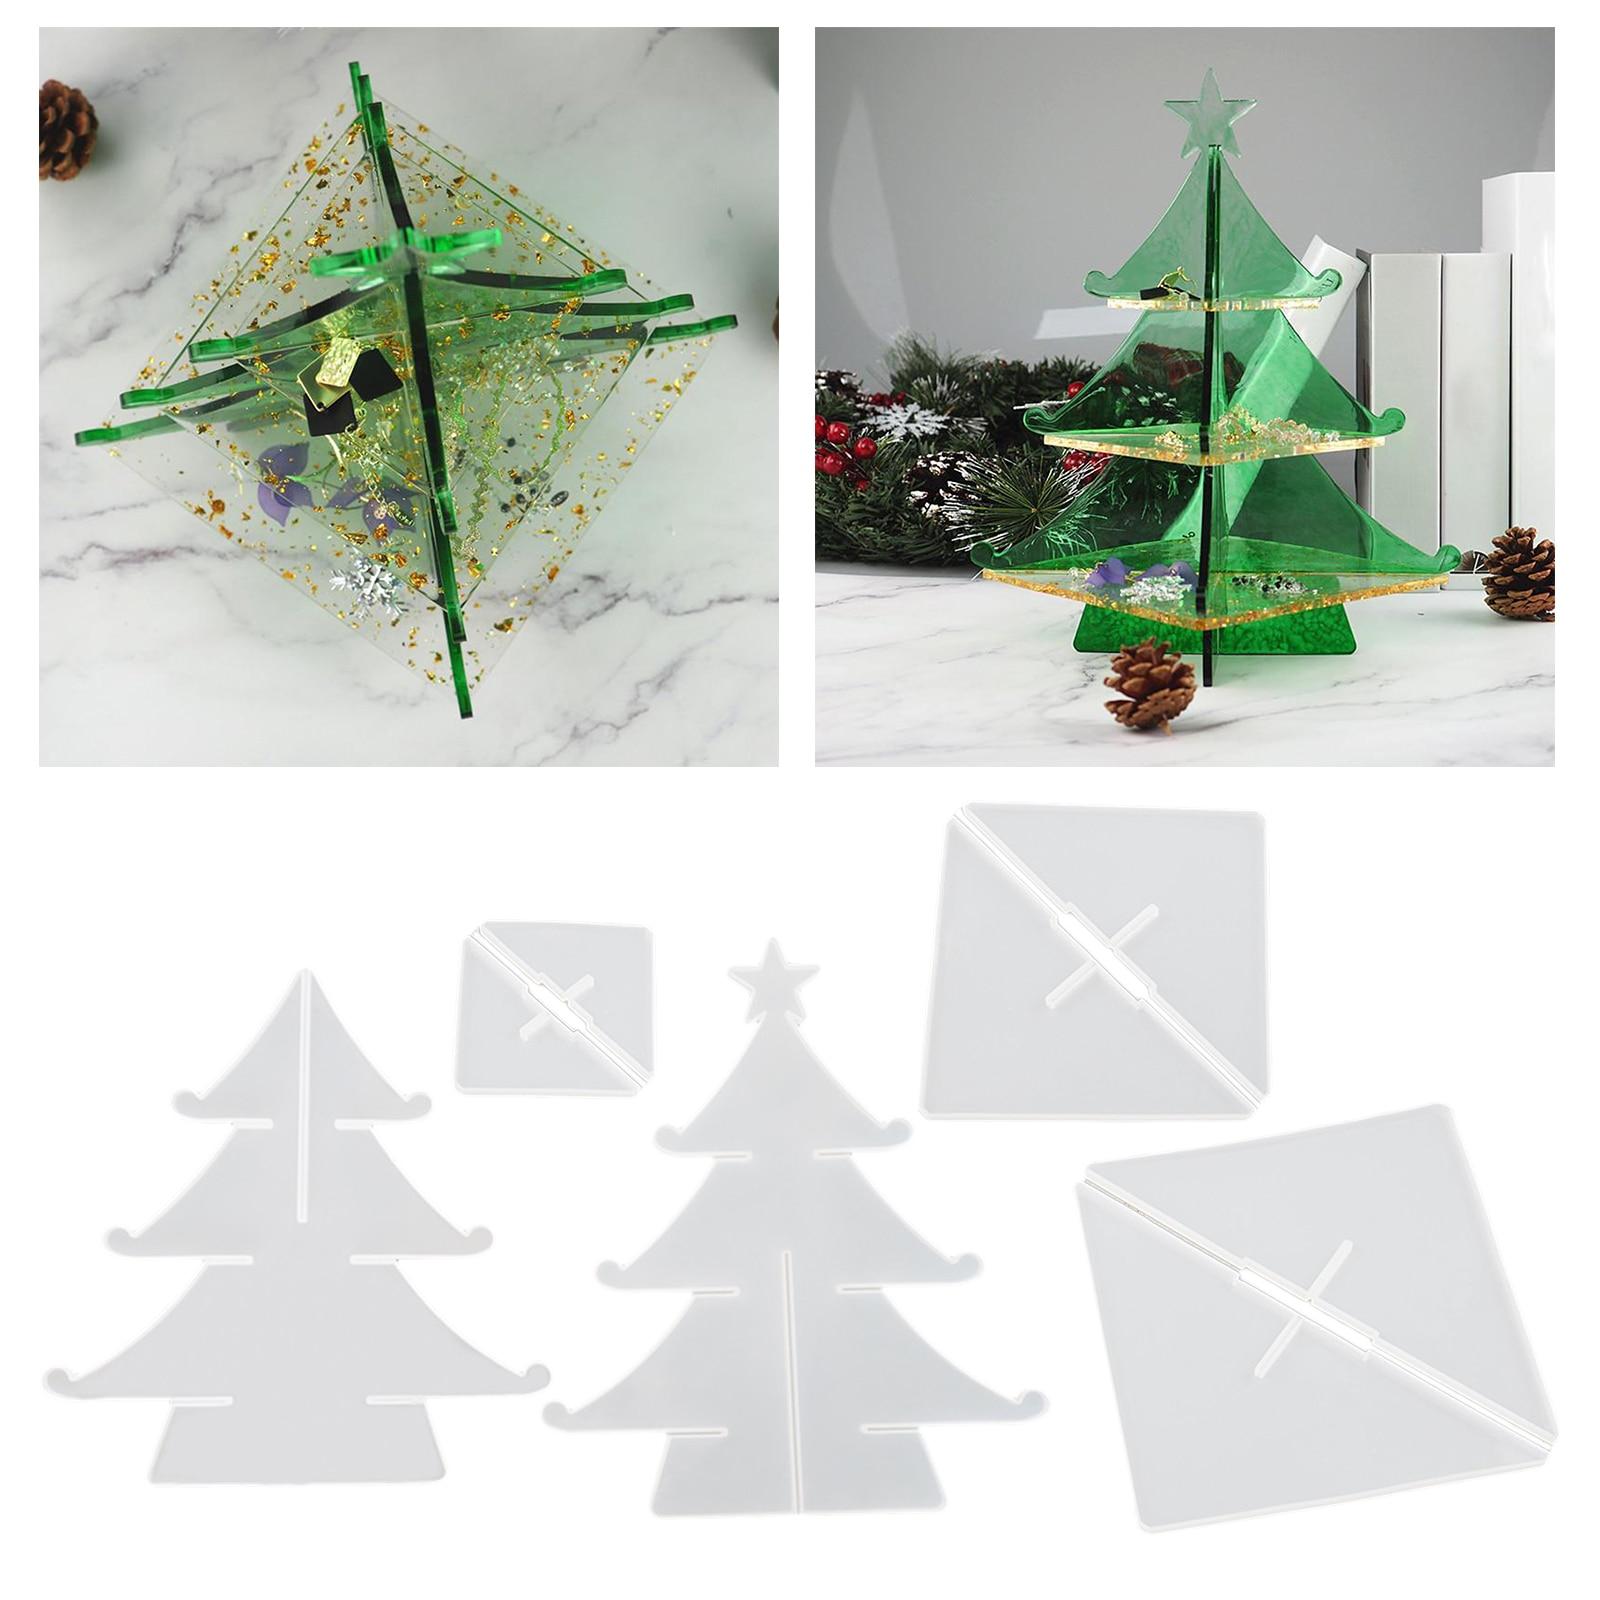 Прозрачная Рождественская форма дерева силиконовая смола художественные